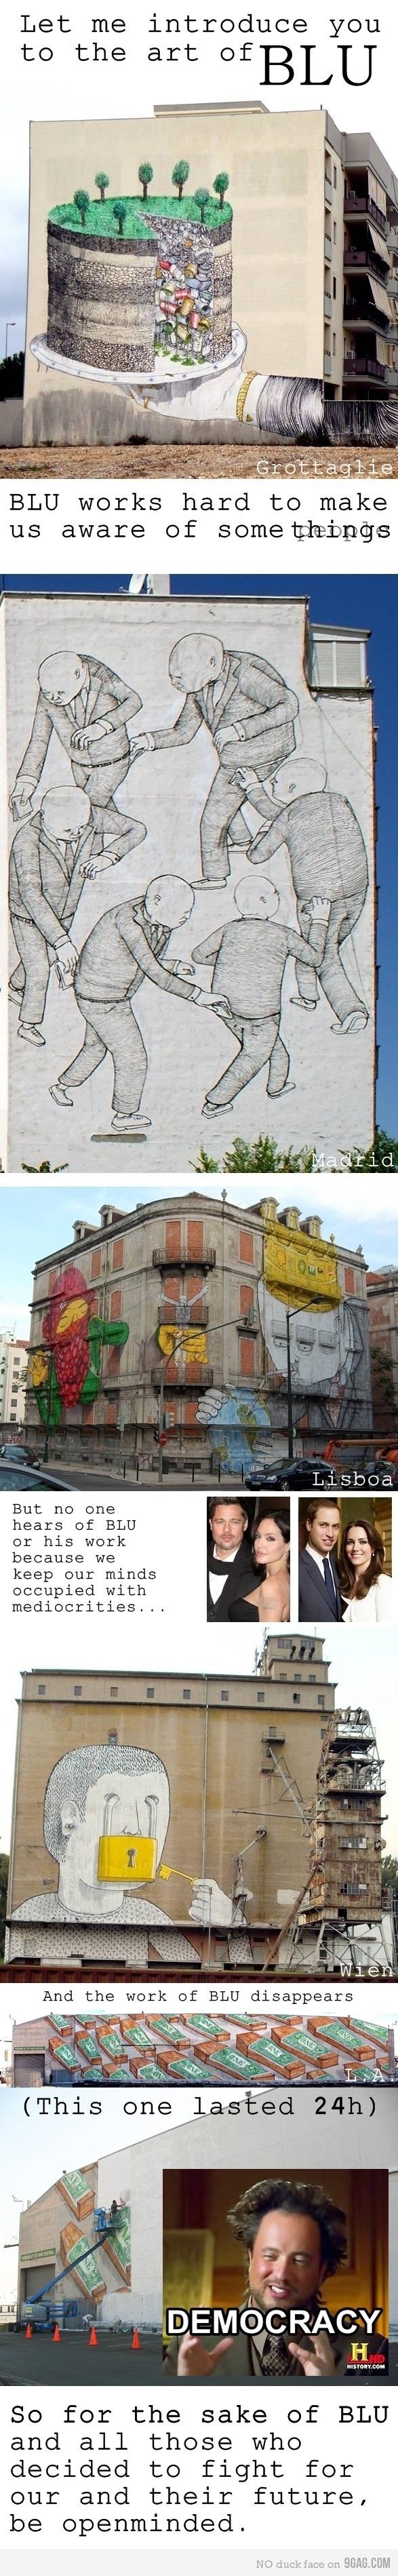 BLU grafitti